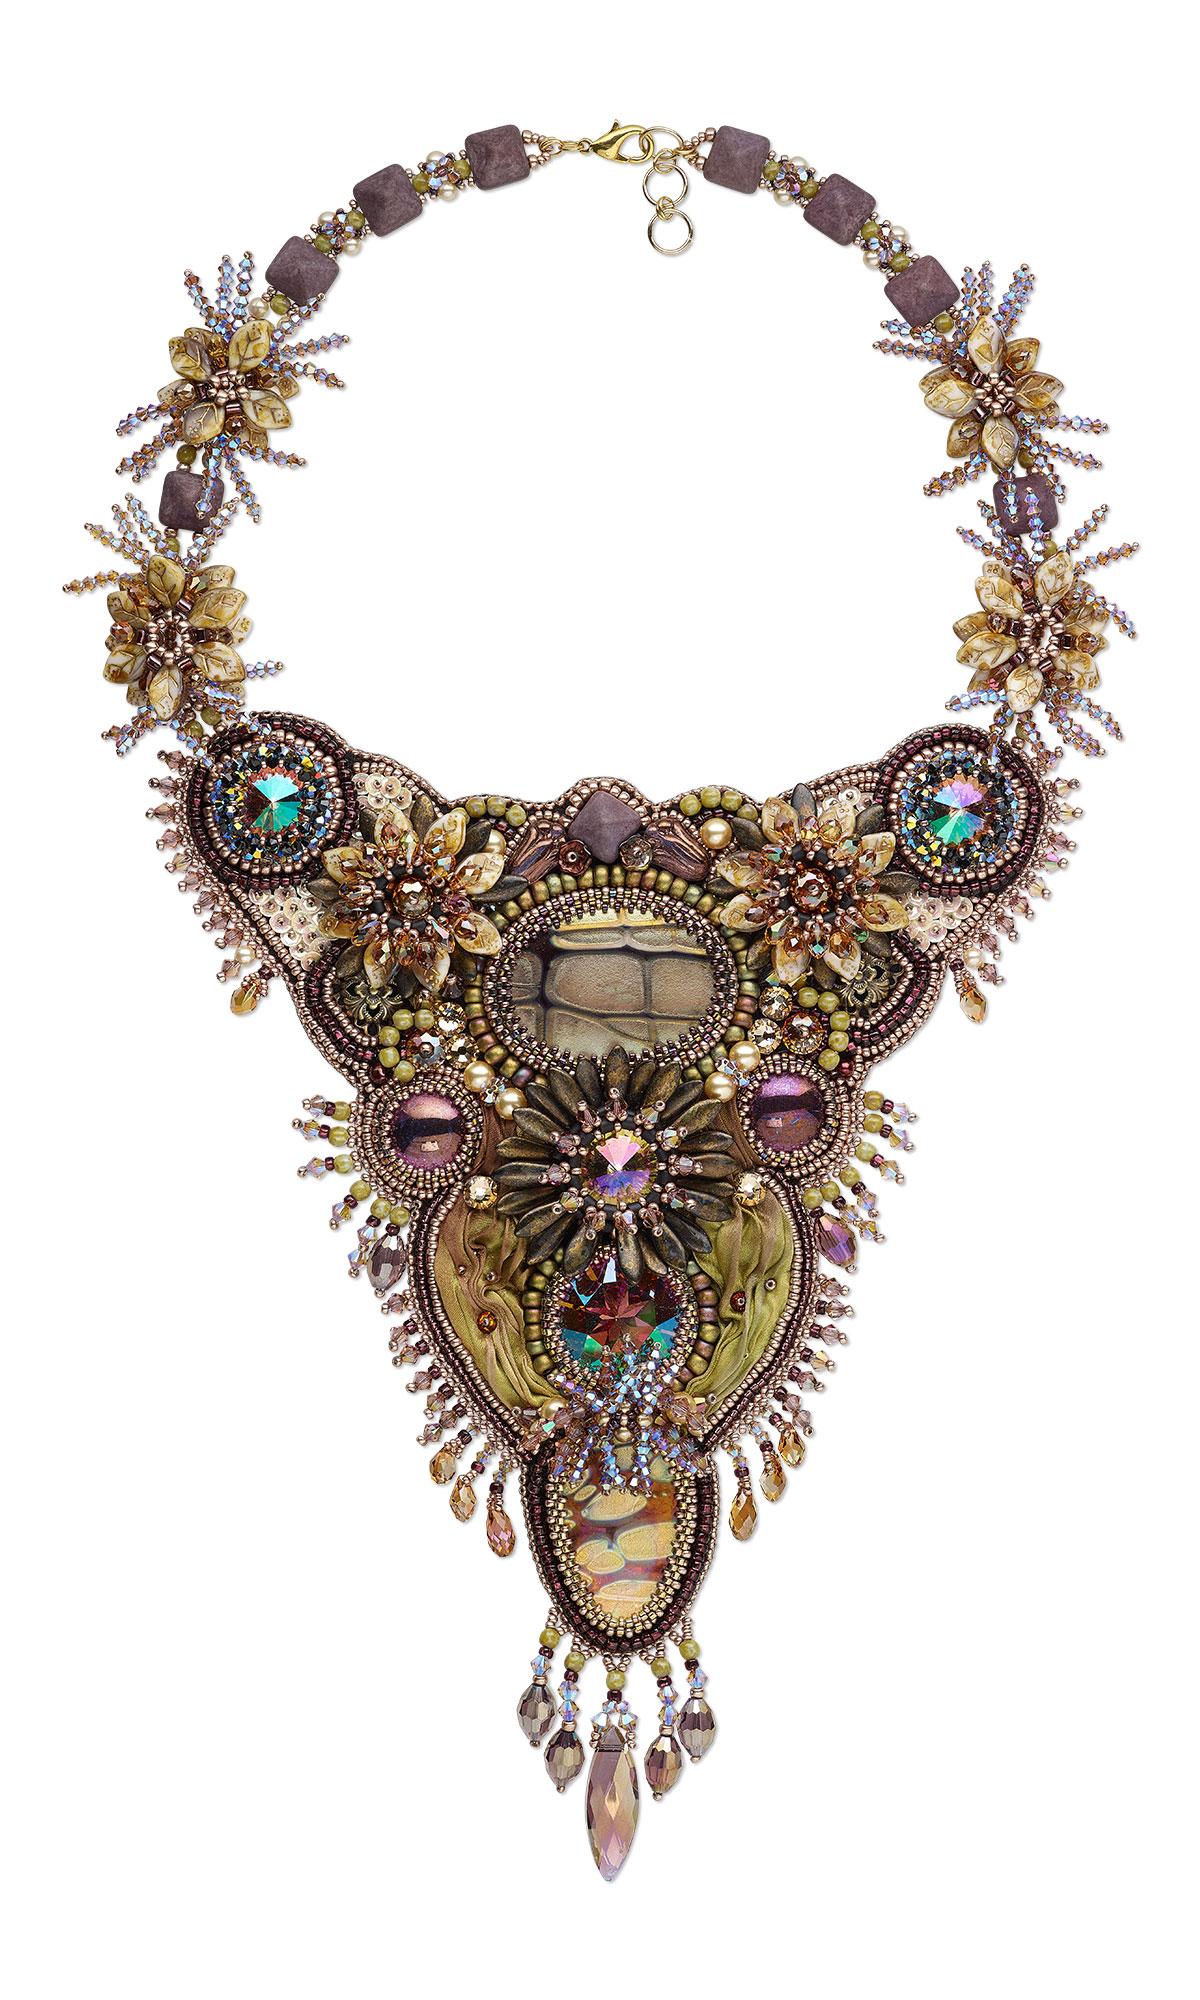 Jewelry Design Bib Style Necklace With Swarovski